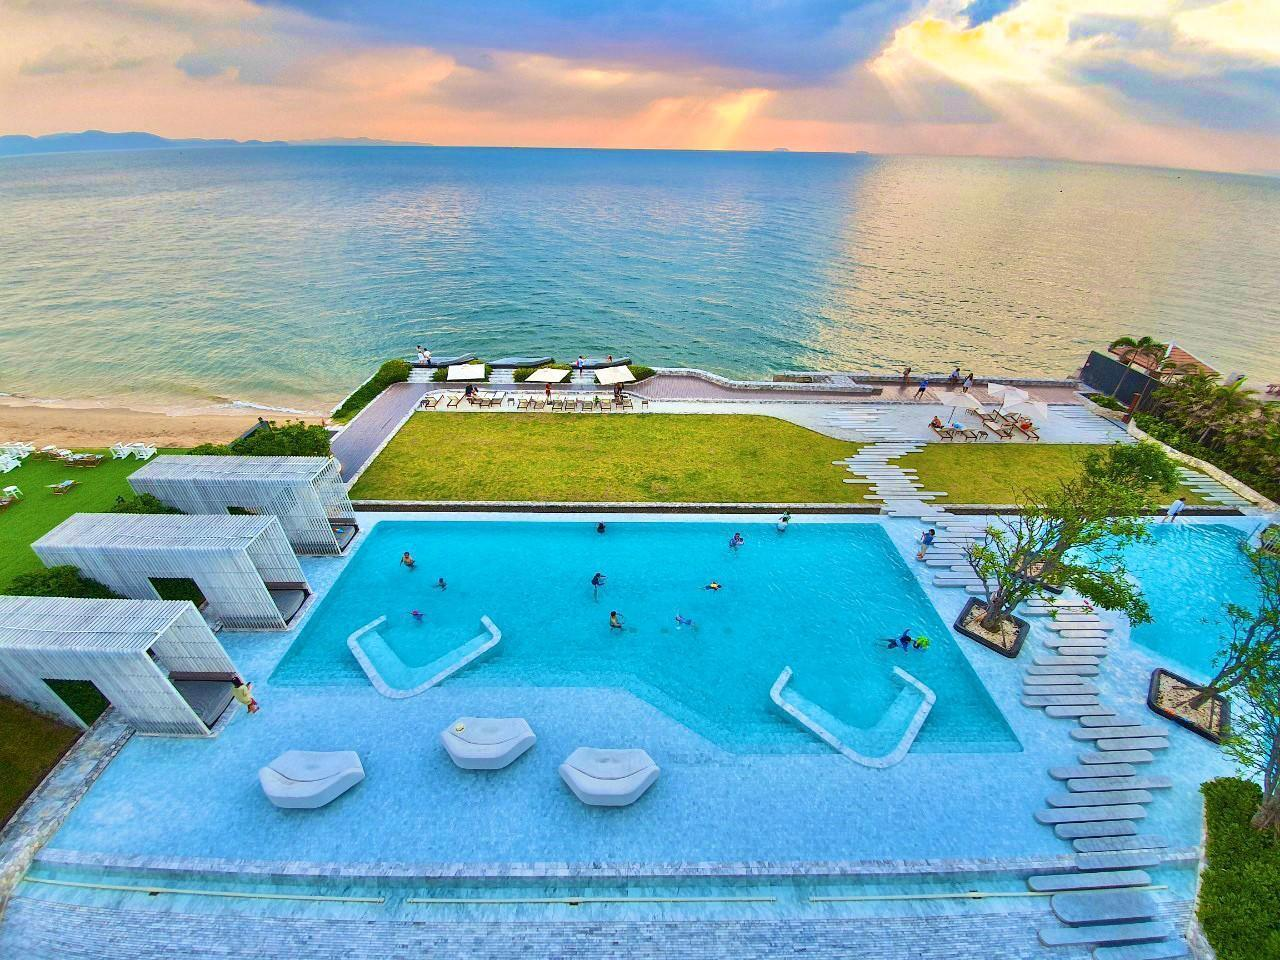 2-bedroom Veranda Residence Pattaya อพาร์ตเมนต์ 2 ห้องนอน 2 ห้องน้ำส่วนตัว ขนาด 55 ตร.ม. – นาจอมเทียน